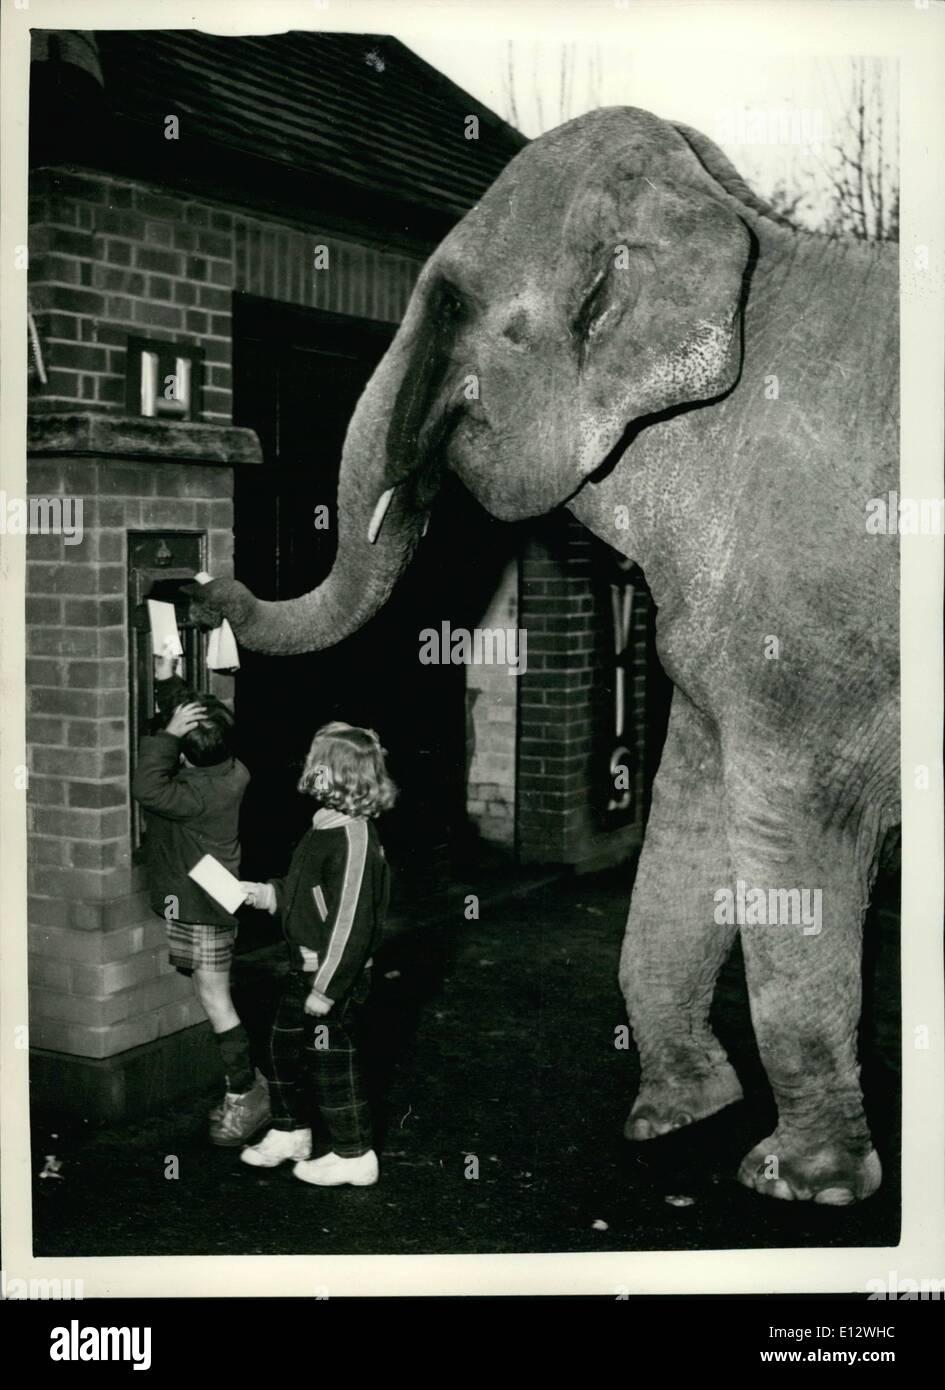 """Febbraio 25, 2012 - Post inizio: Seguendo il Postmaster del generale consigli, questi due giovani sono la pubblicazione anticipata per Natale. Chiudere dietro di loro è la loro """"pal' la Birmania, l'elefante da Billy Smart il circus. I bambini sono il circo propietor Billy di Smarts due grand-bambini, Jamie, 4 1/2 e Zana, 3. Immagini Stock"""